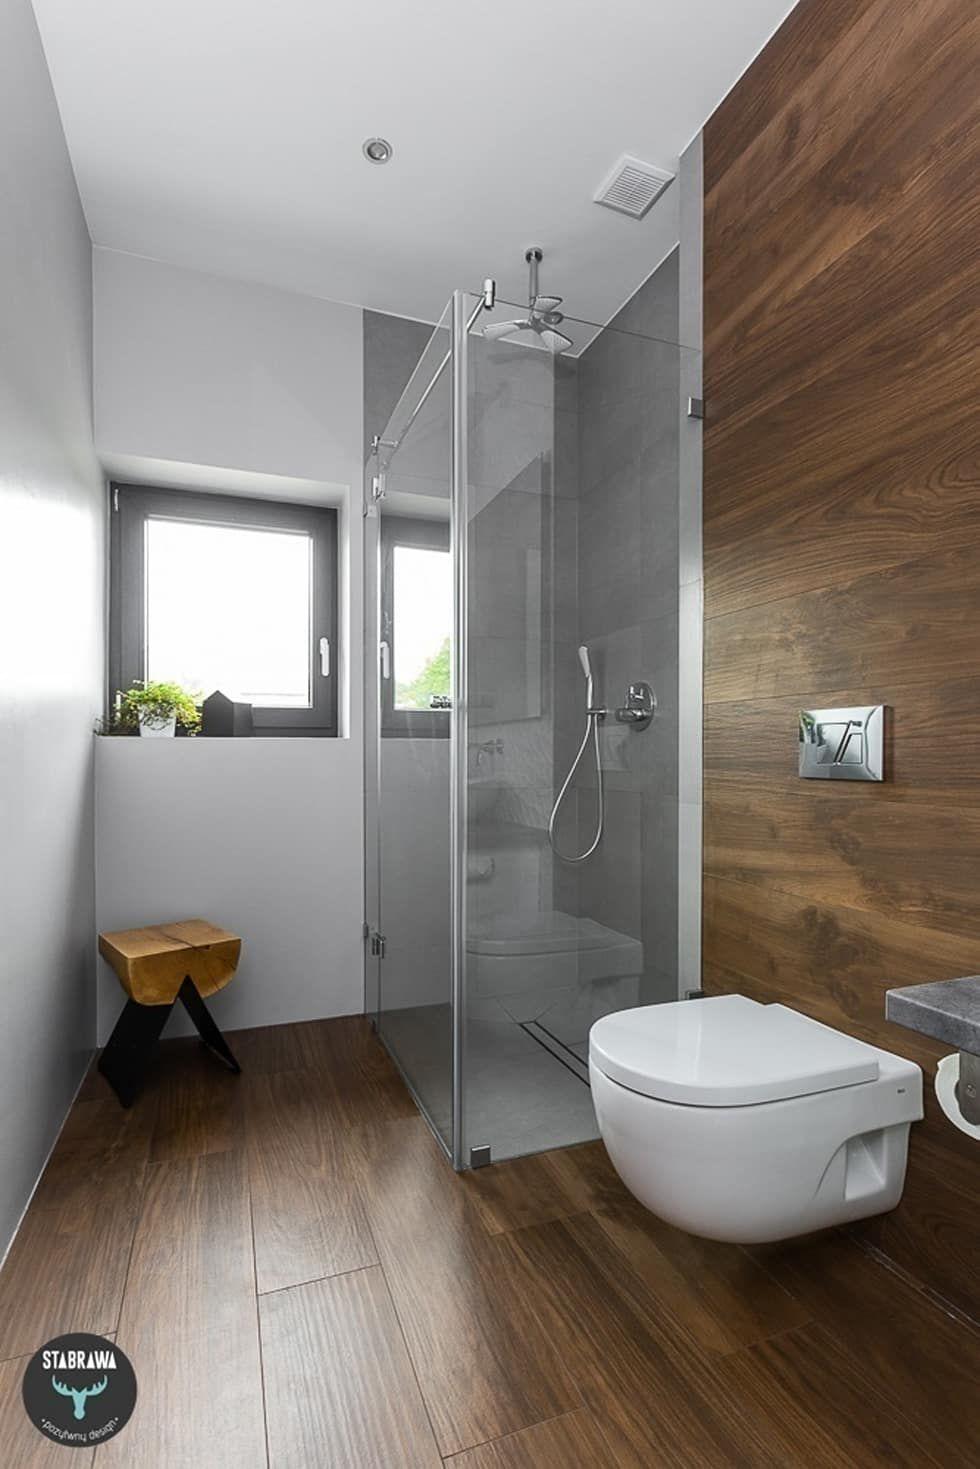 Wohnideen interior design einrichtungsideen bilder for Wohnideen design